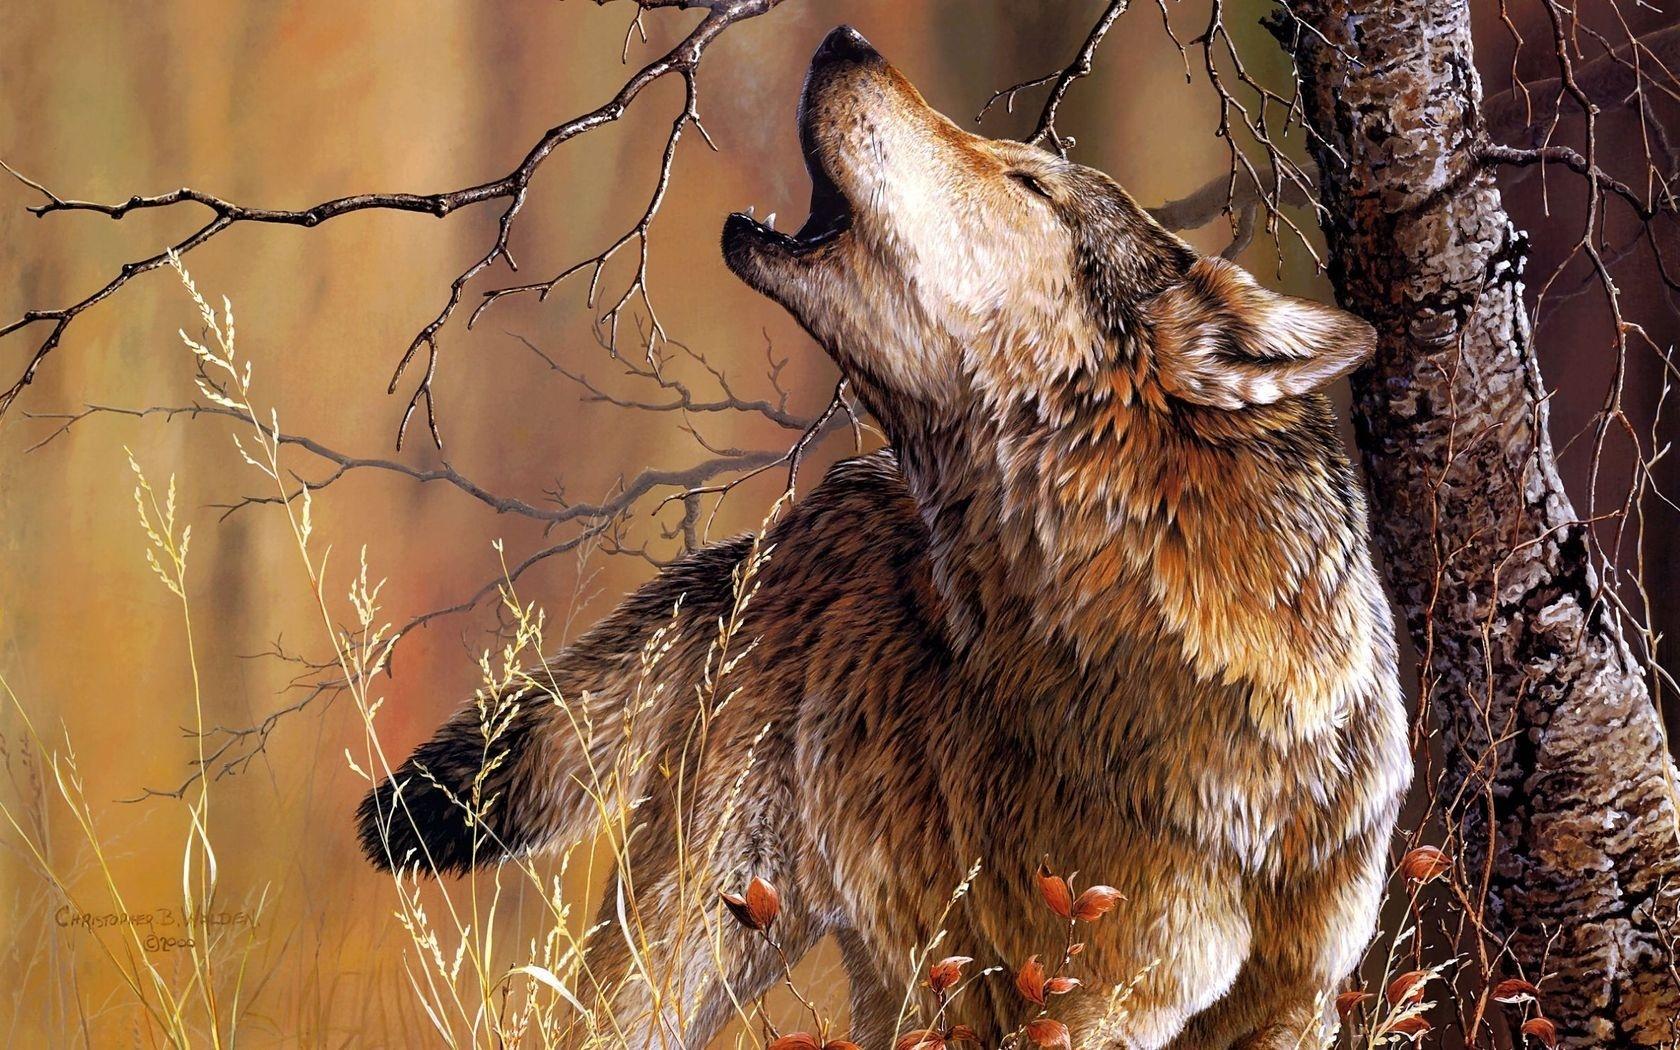 27660 Заставки и Обои Волки на телефон. Скачать Животные, Волки картинки бесплатно